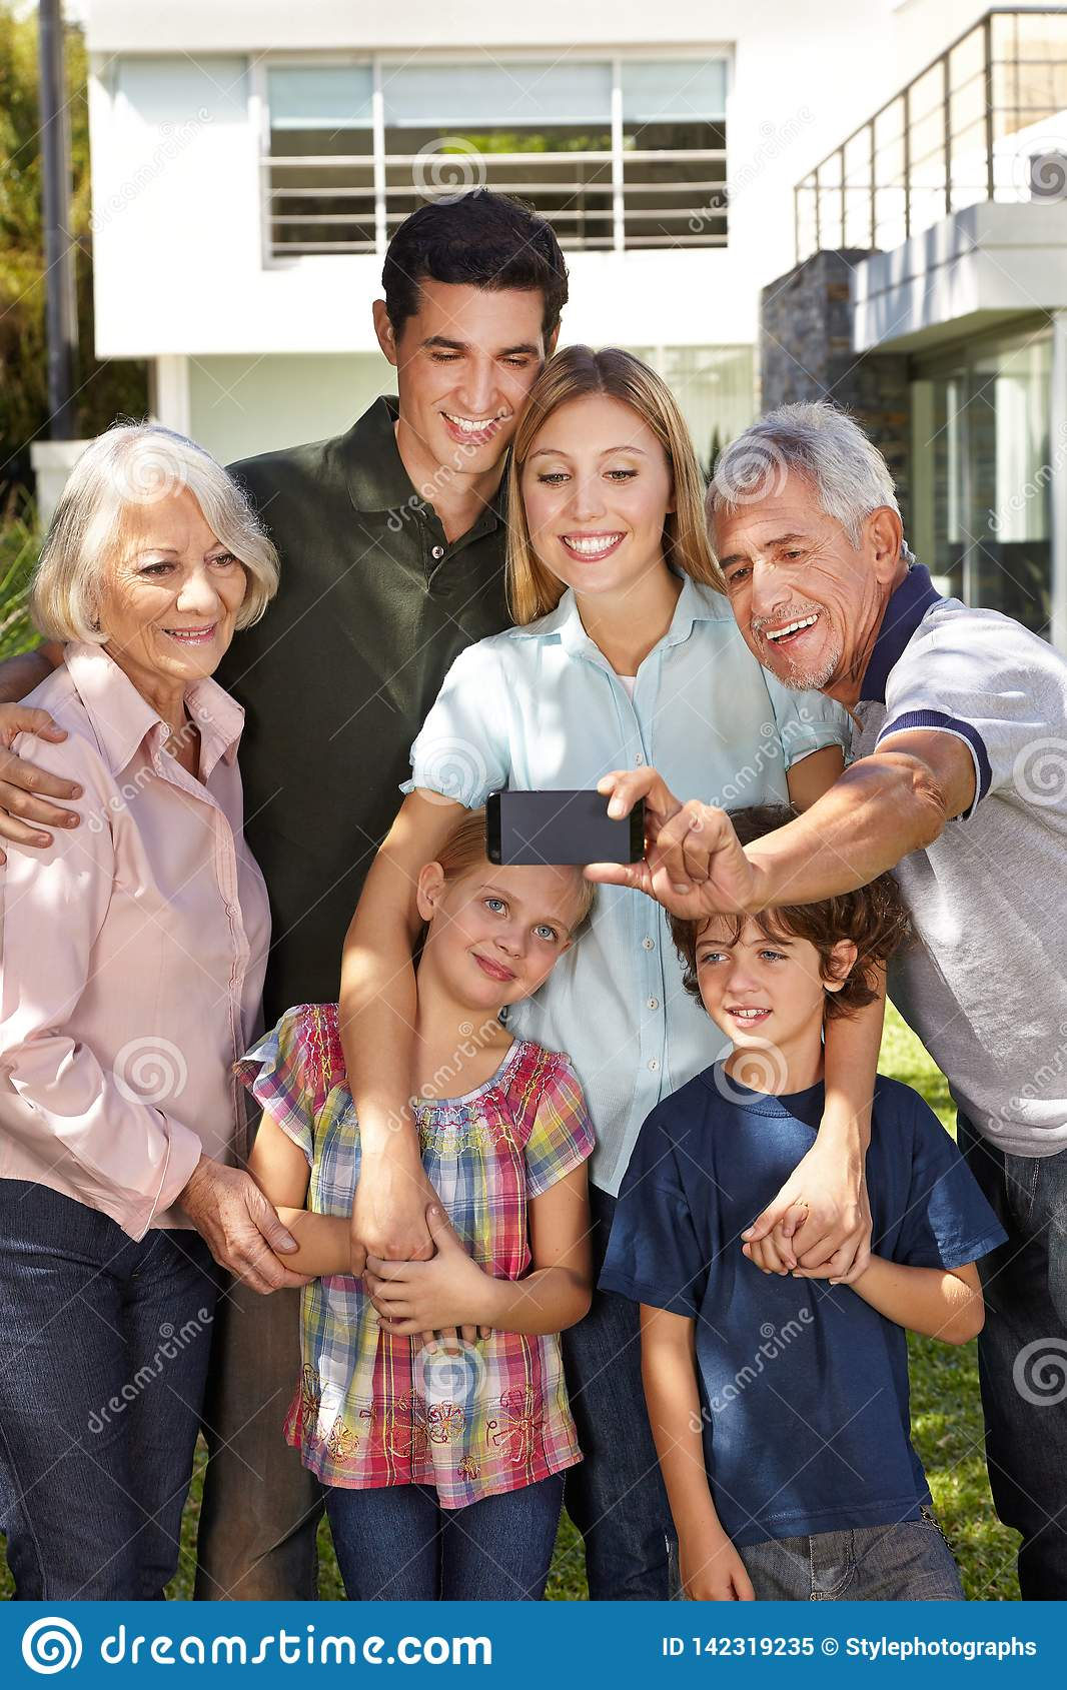 Η οικογένεια κάνει selfie με τους παππούδες και γιαγιάδες